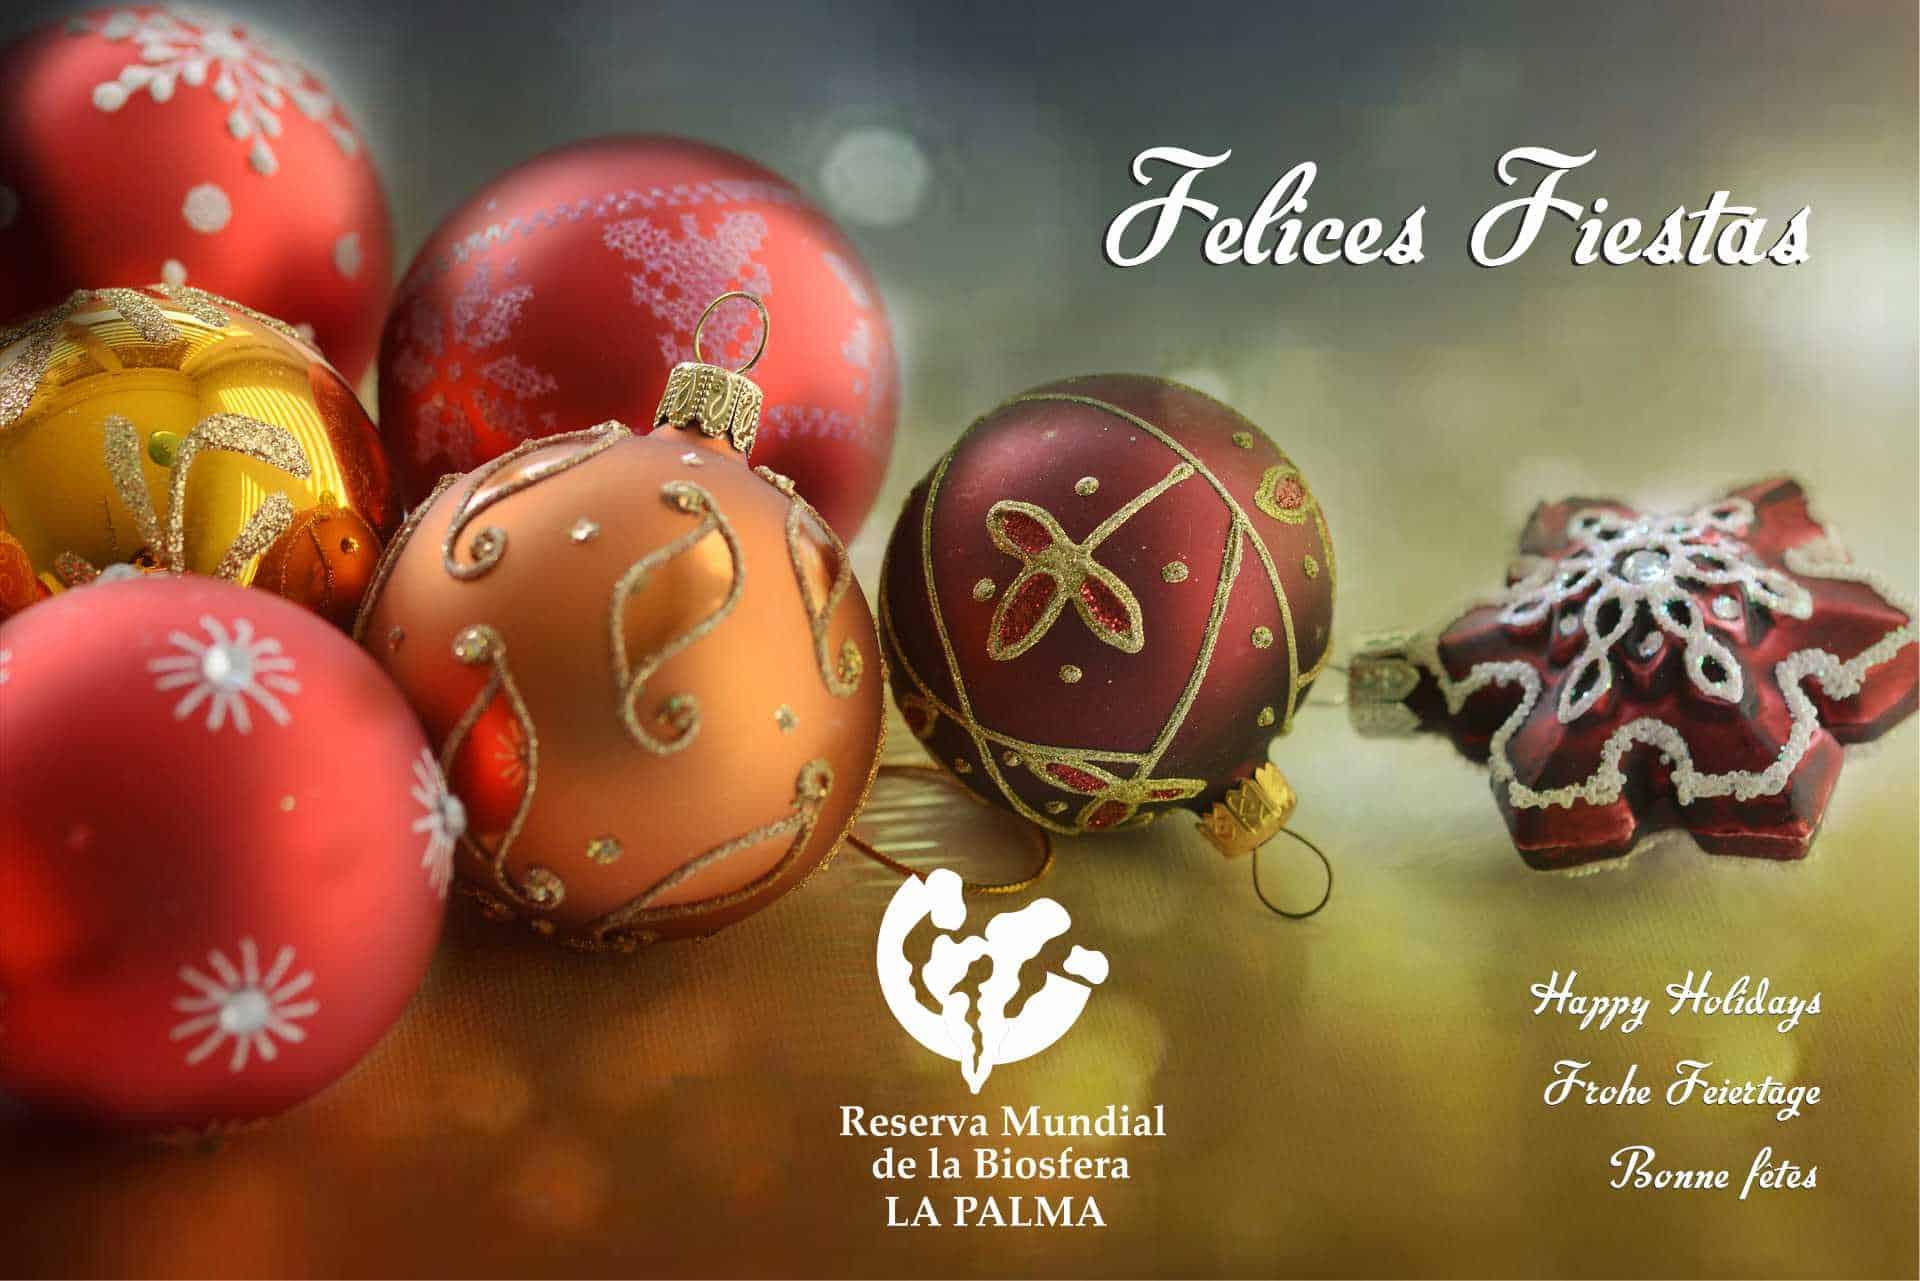 Desde la Reserva Mundial de la Biosfera La Palma queremos desearles a tod@s Feliz Navidad y un muy próspero Año Nuevo!!!